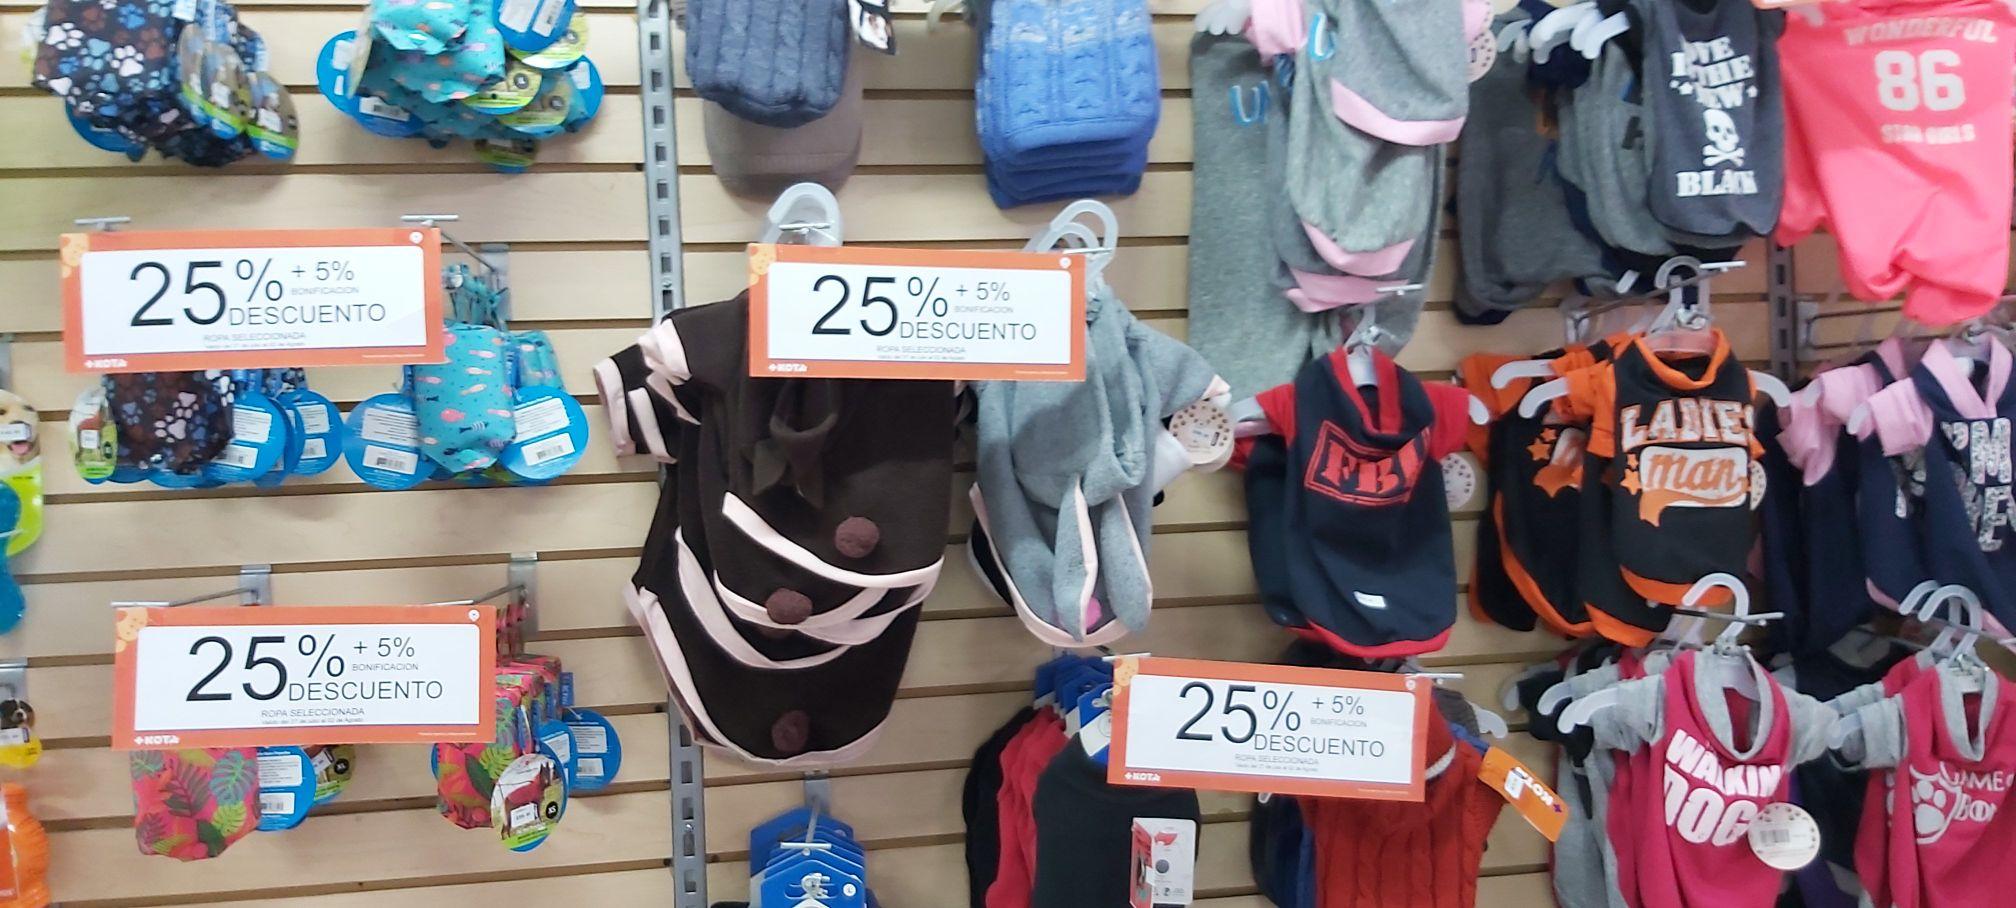 25% de descuento ropa +Kota